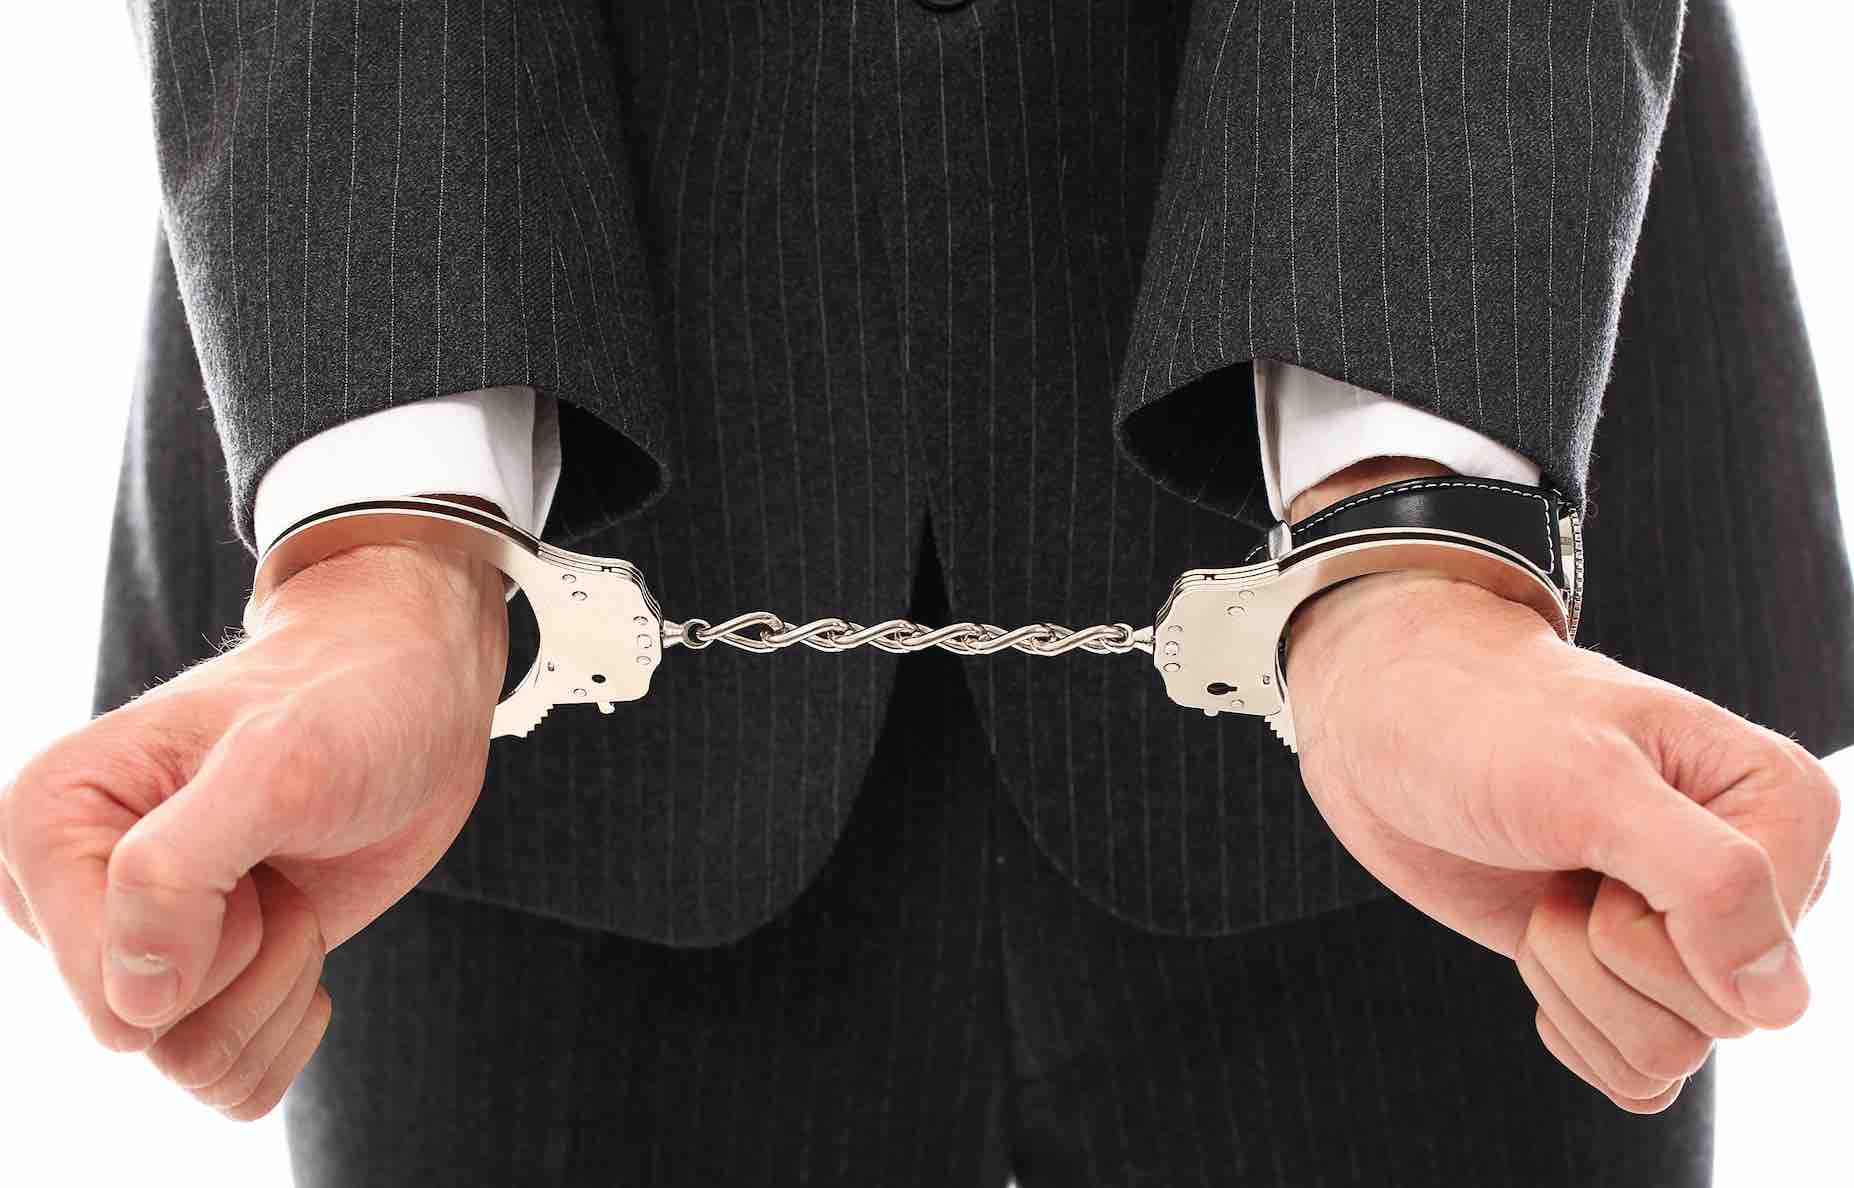 Tutukluluk Süresi Hakkında Genel Bilgiler